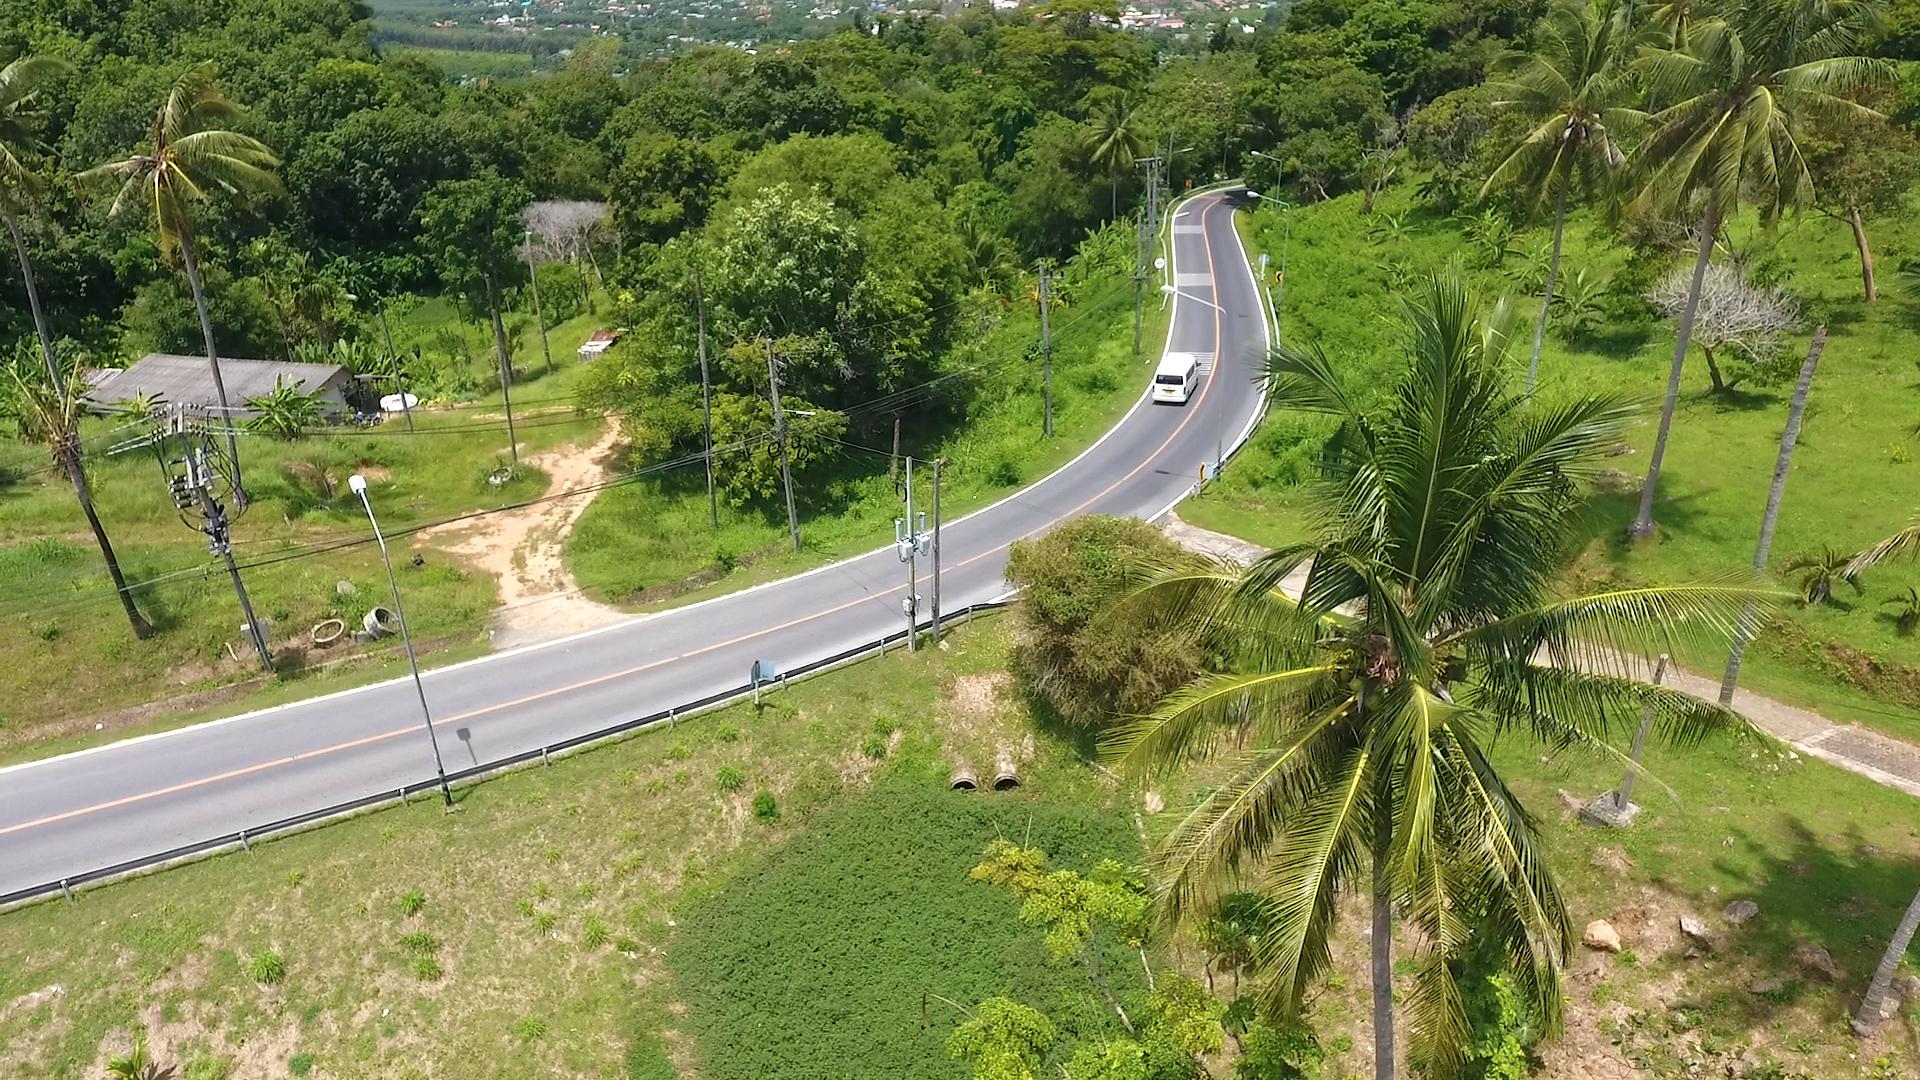 Водителям автобусов еще раз напомнили об опасности трассы Кату-Патонг